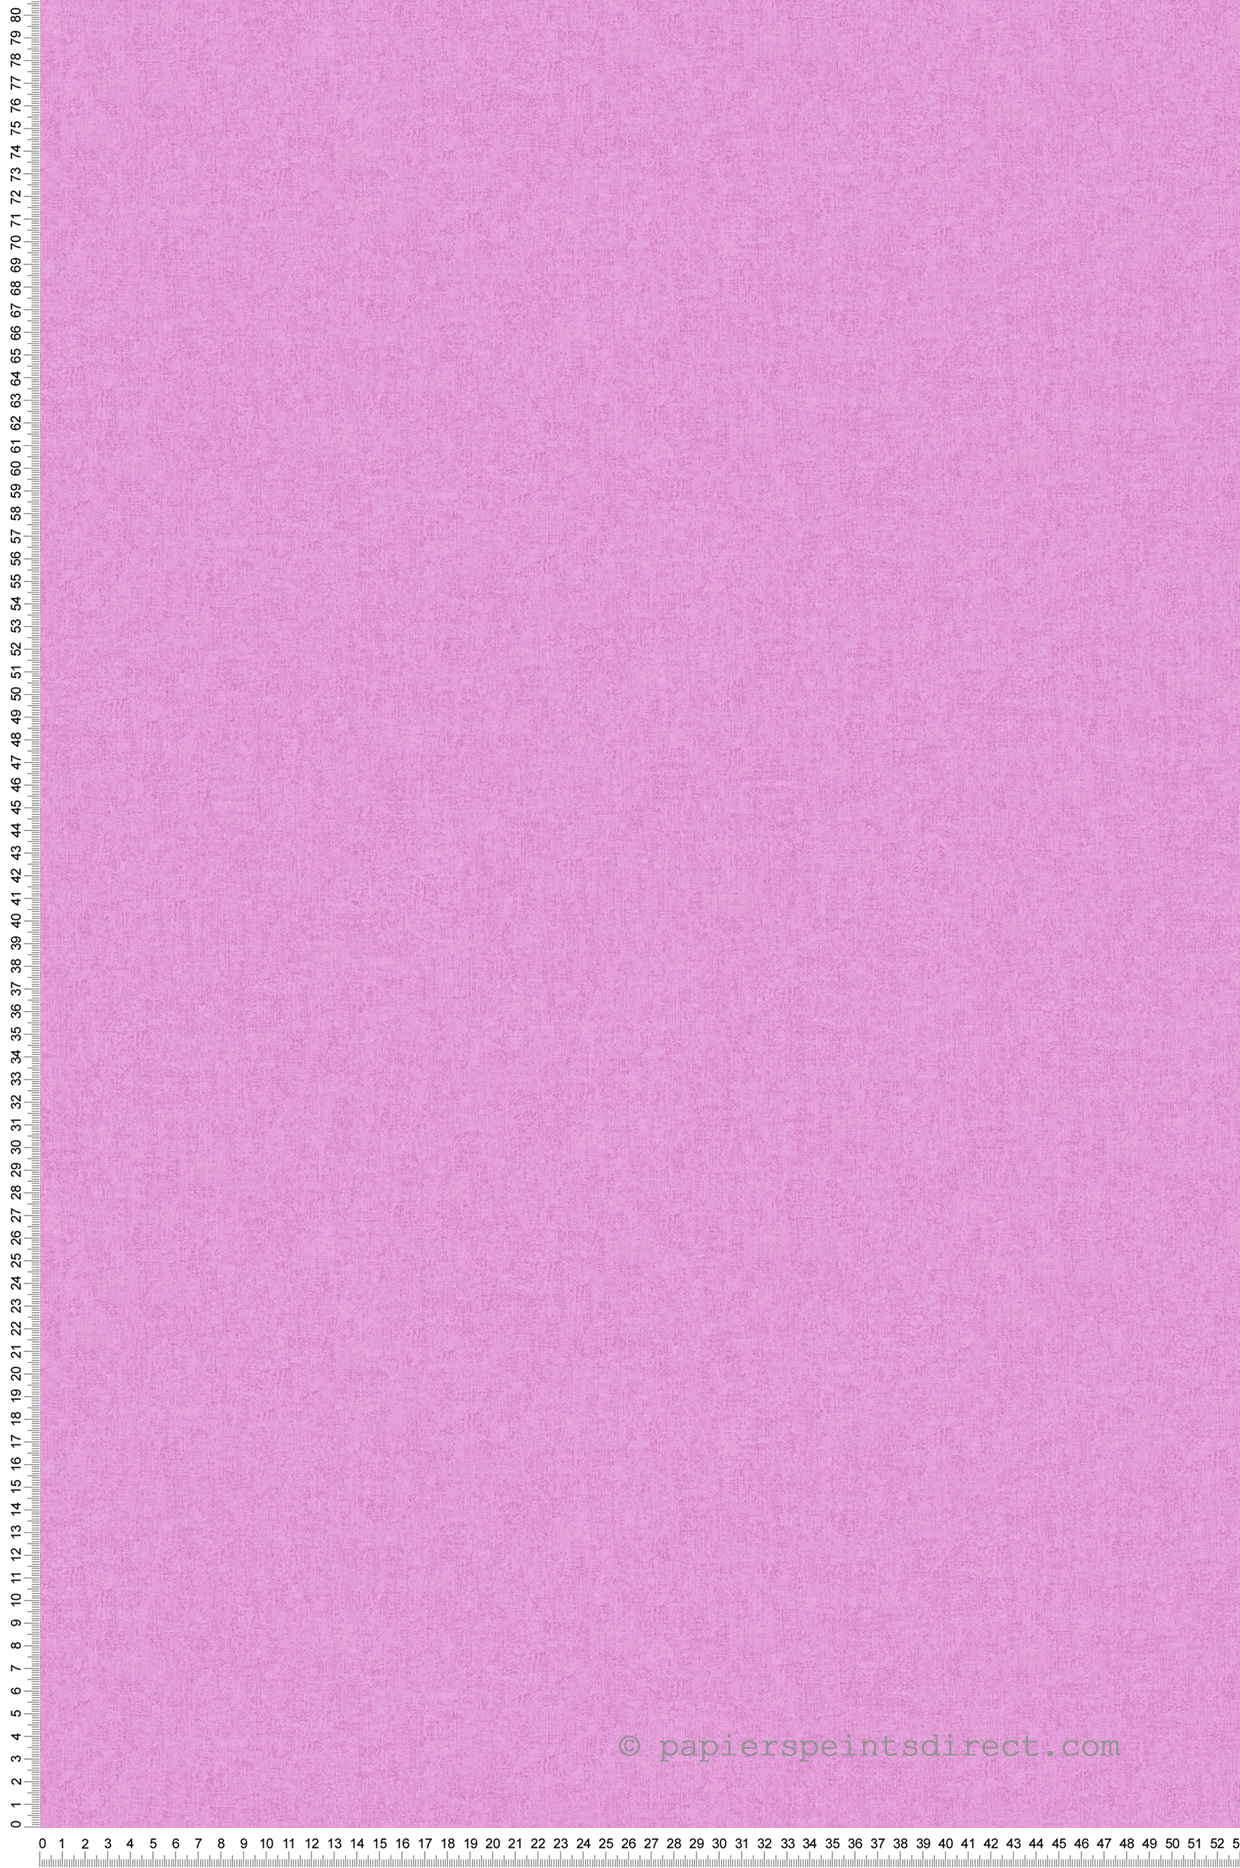 Papier peint uni rose fuchsia - Little Stars AS Création | Réf. SP04338